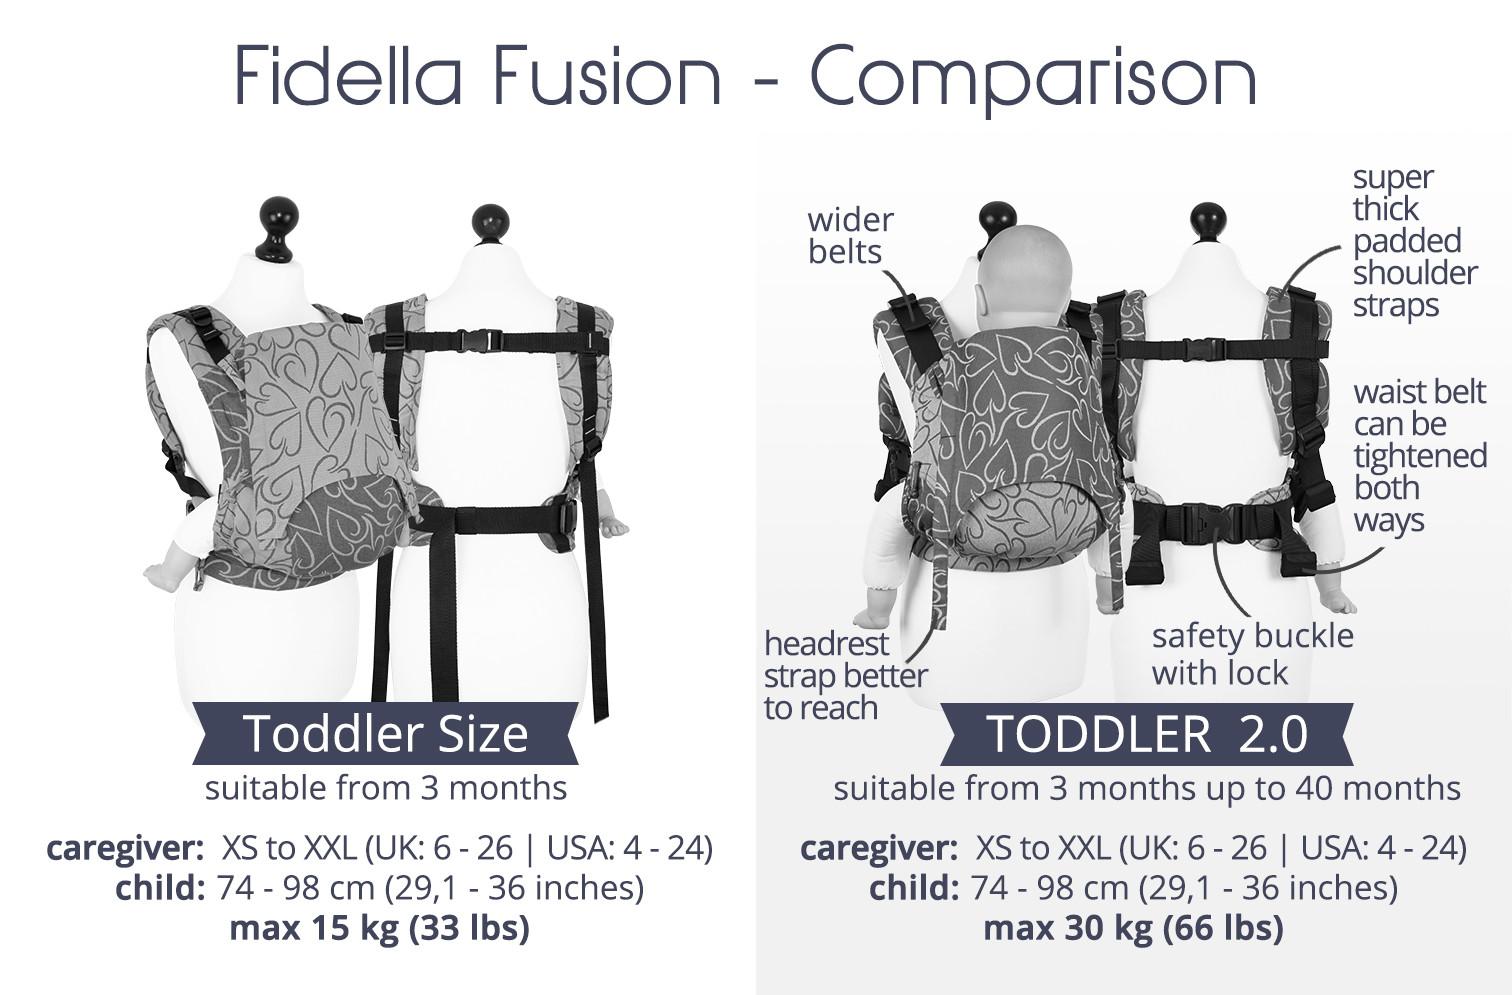 fidella fusion srovnání